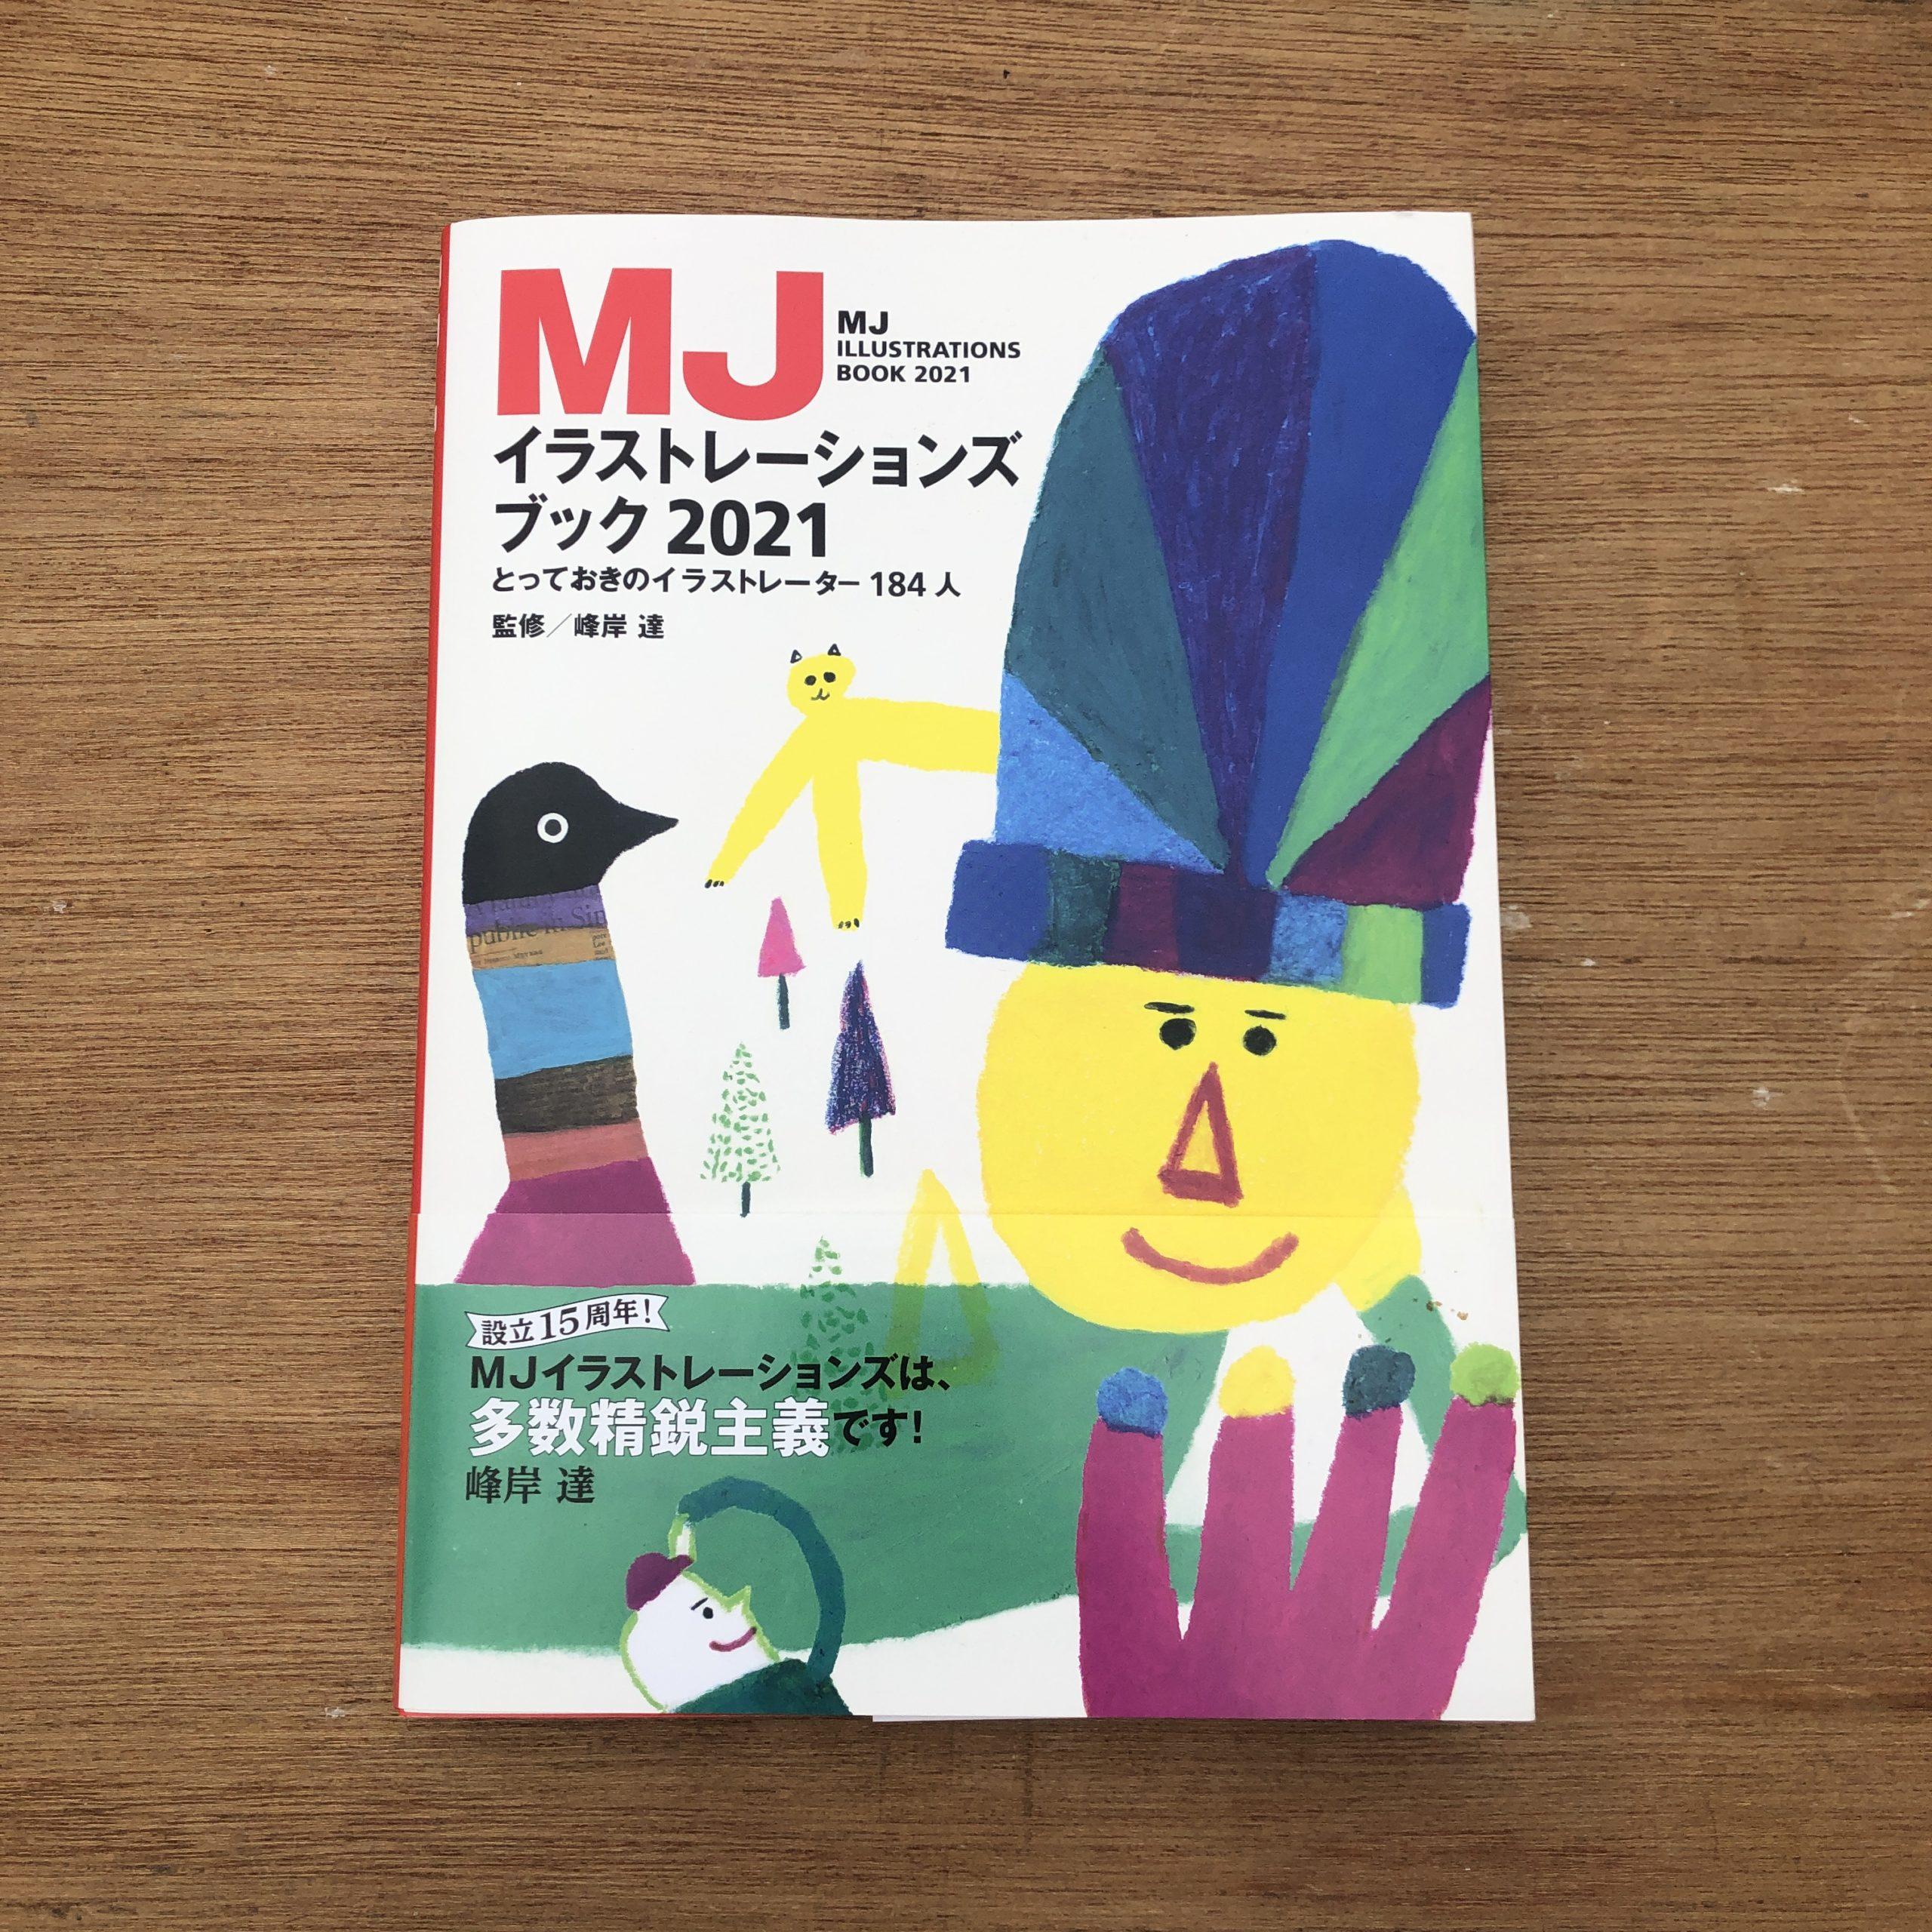 MJイラストレーションズブック2021発売中